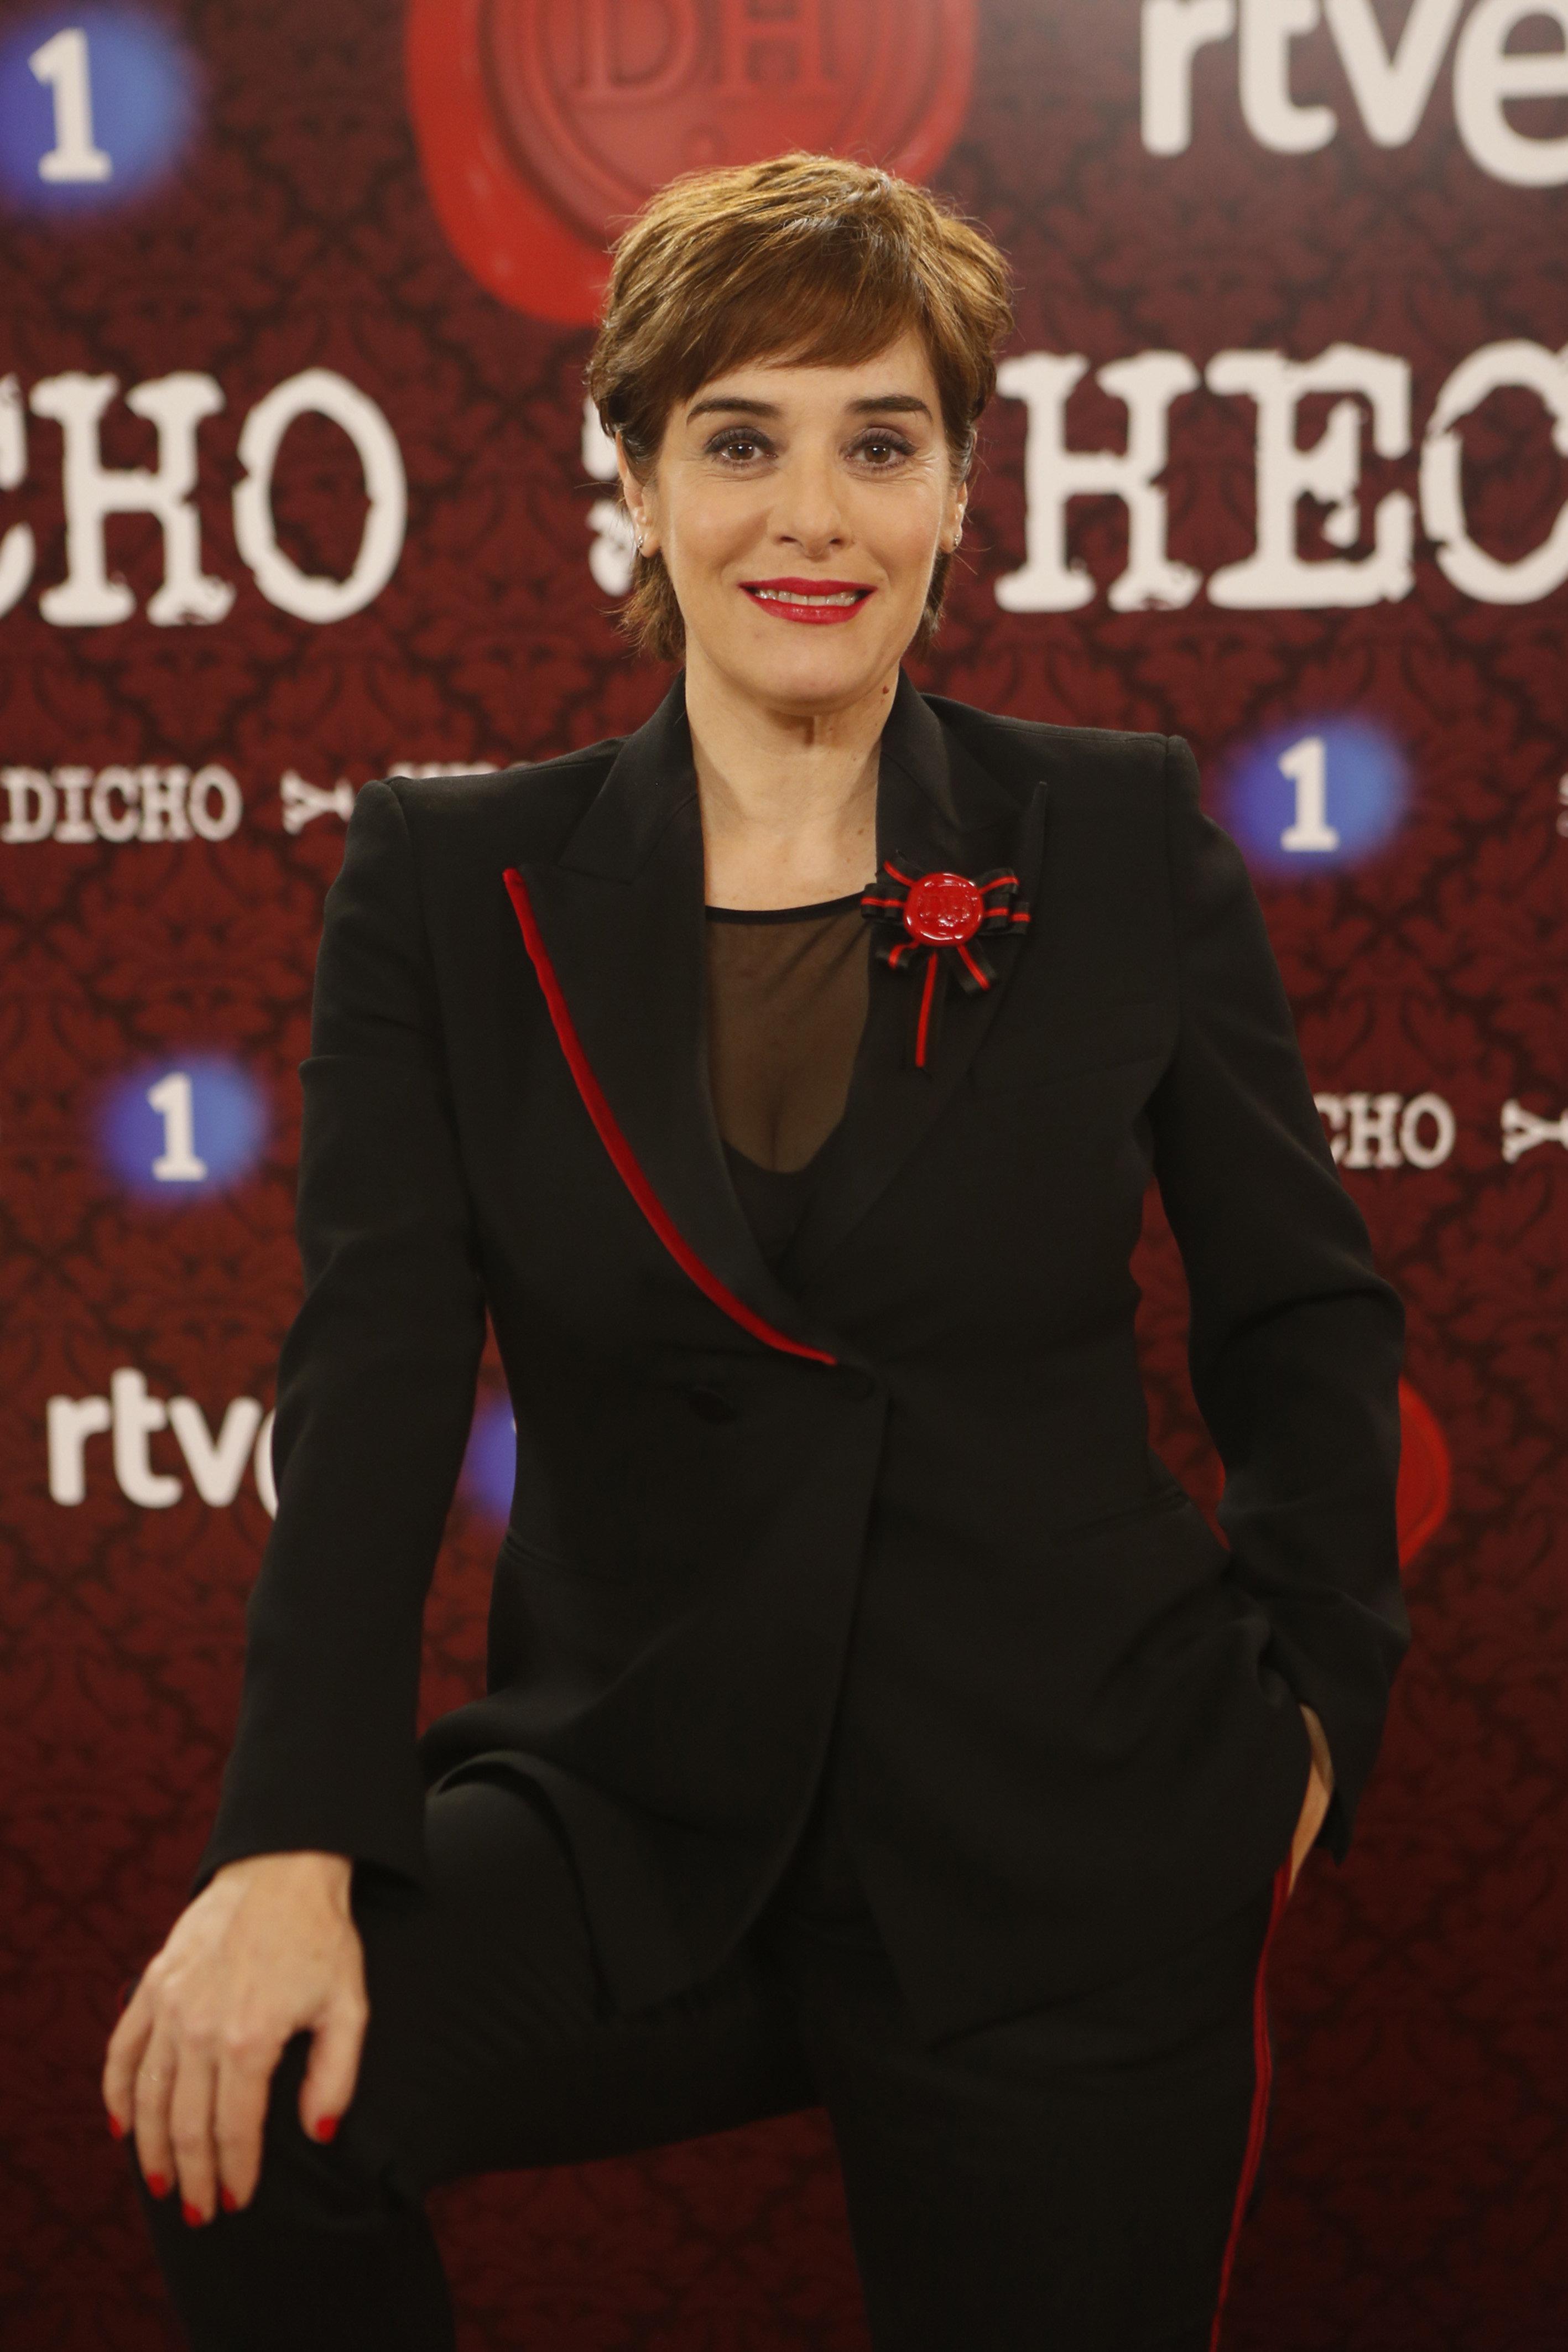 Anabel Alonso triunfa con su proposición a Charlize Theron: